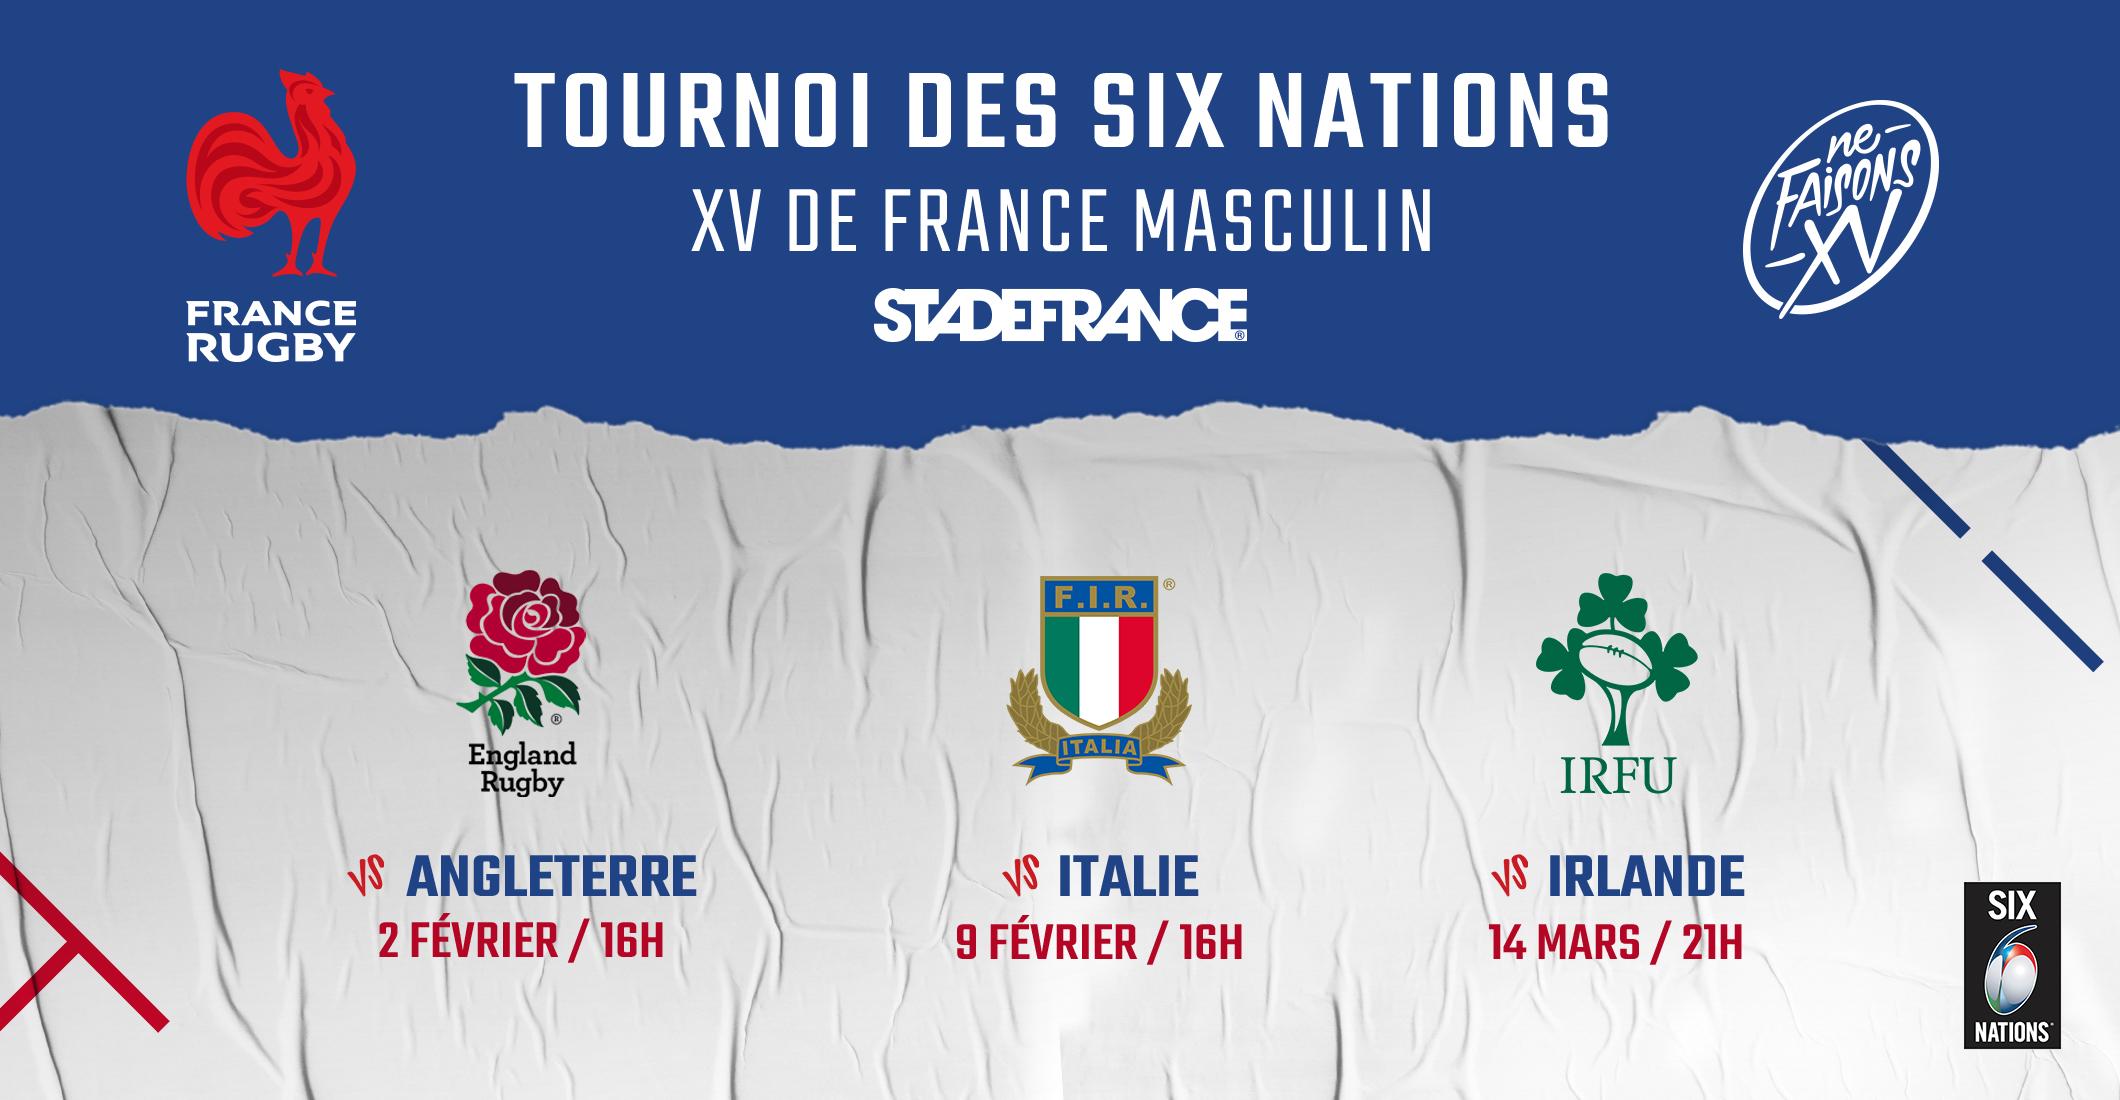 Tournoi Des Vi Nations Ouverture Billetterie Pour Les Matches Du Xv De France Masculin